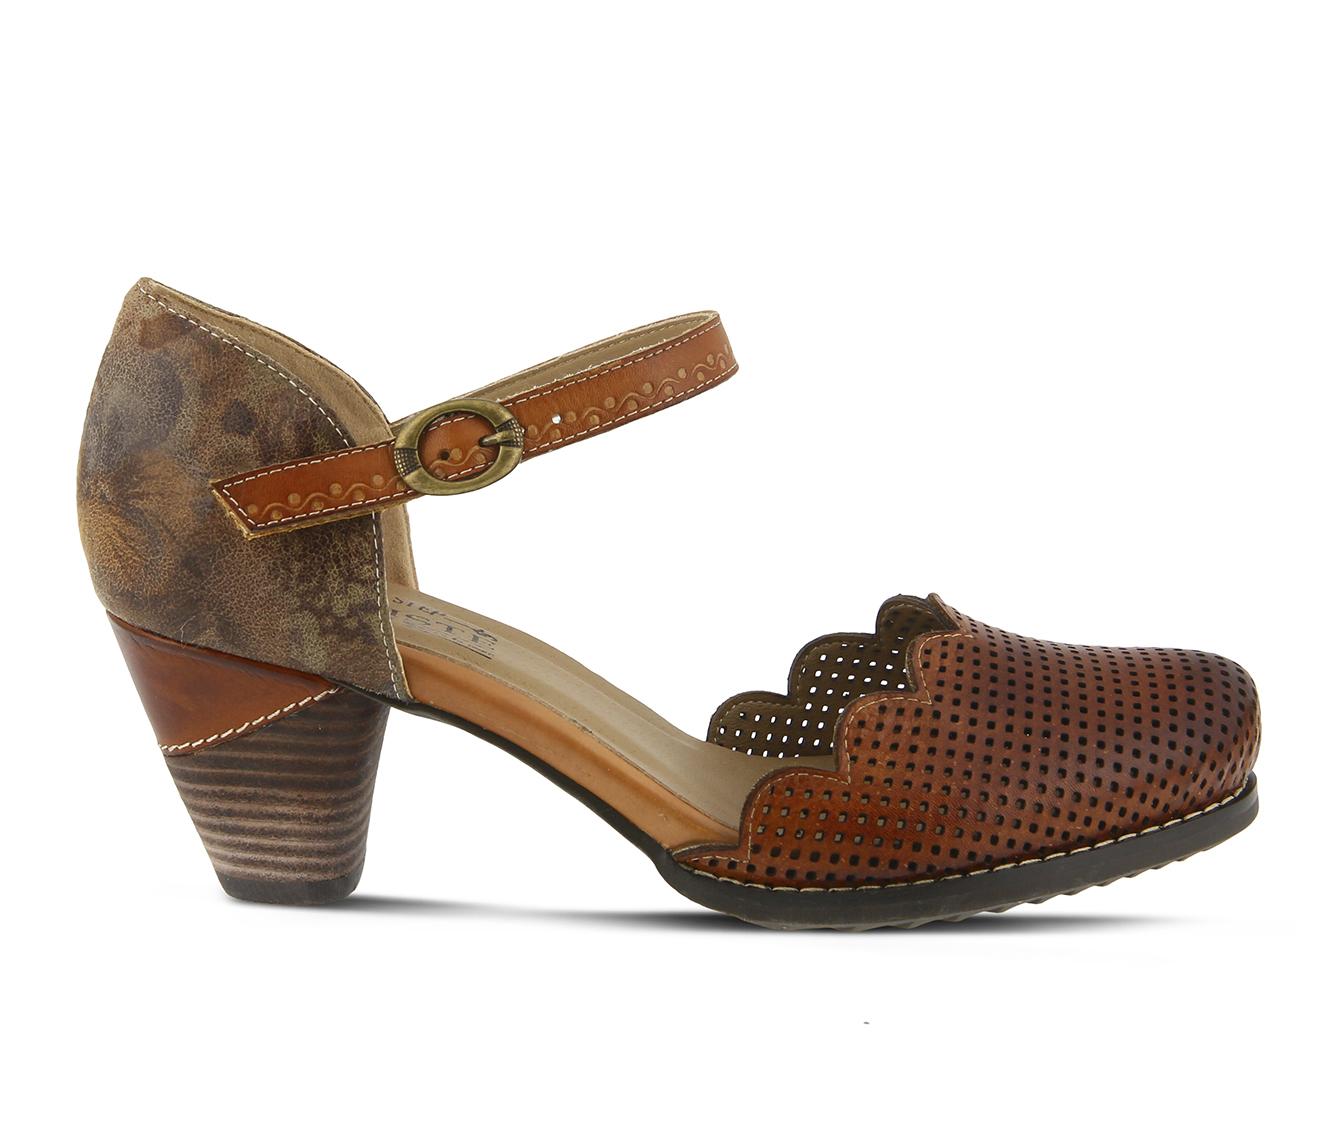 L'Artiste Parchelle Women's Dress Shoe (Brown Leather)